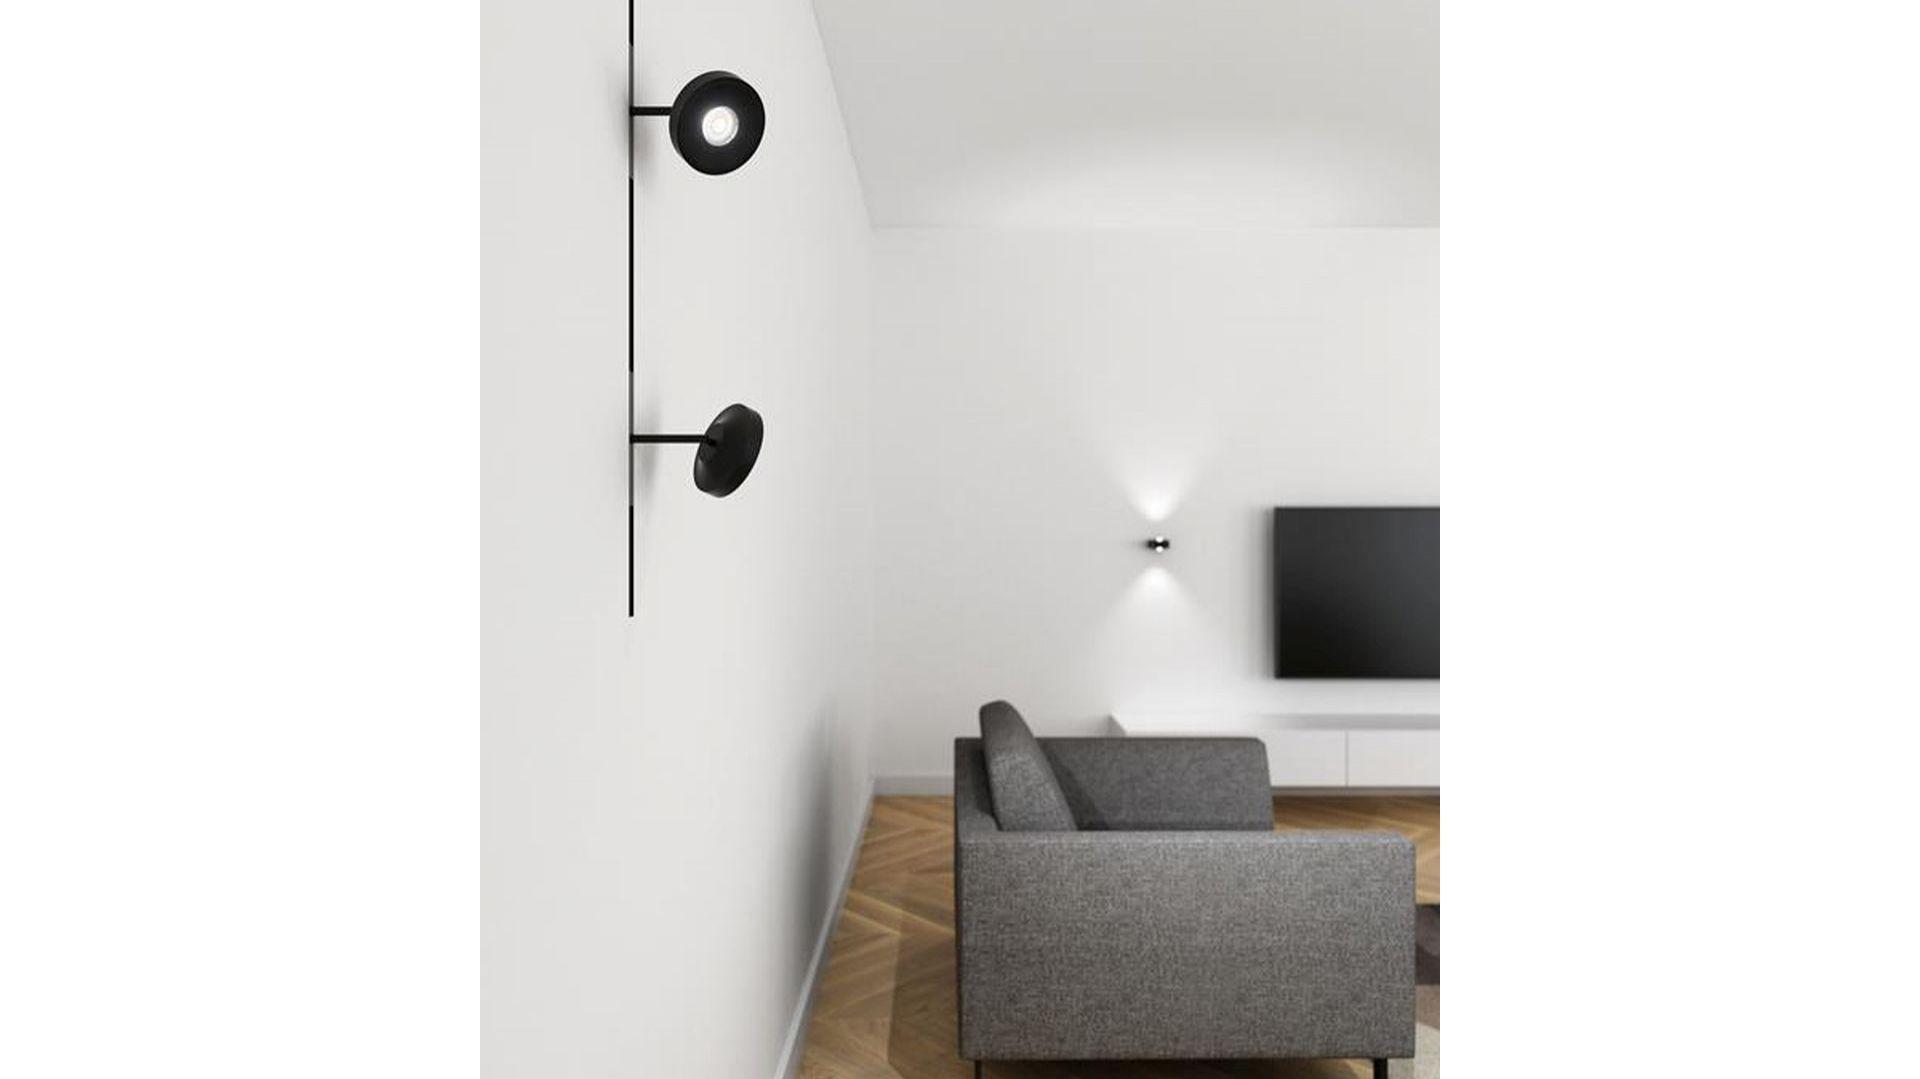 Oświetlenie jest elementem wyposażenia wnętrz, które cechuje się nie tylko funkcjonalnością, ale również zdobi przestrzeń. Fot. AQForm